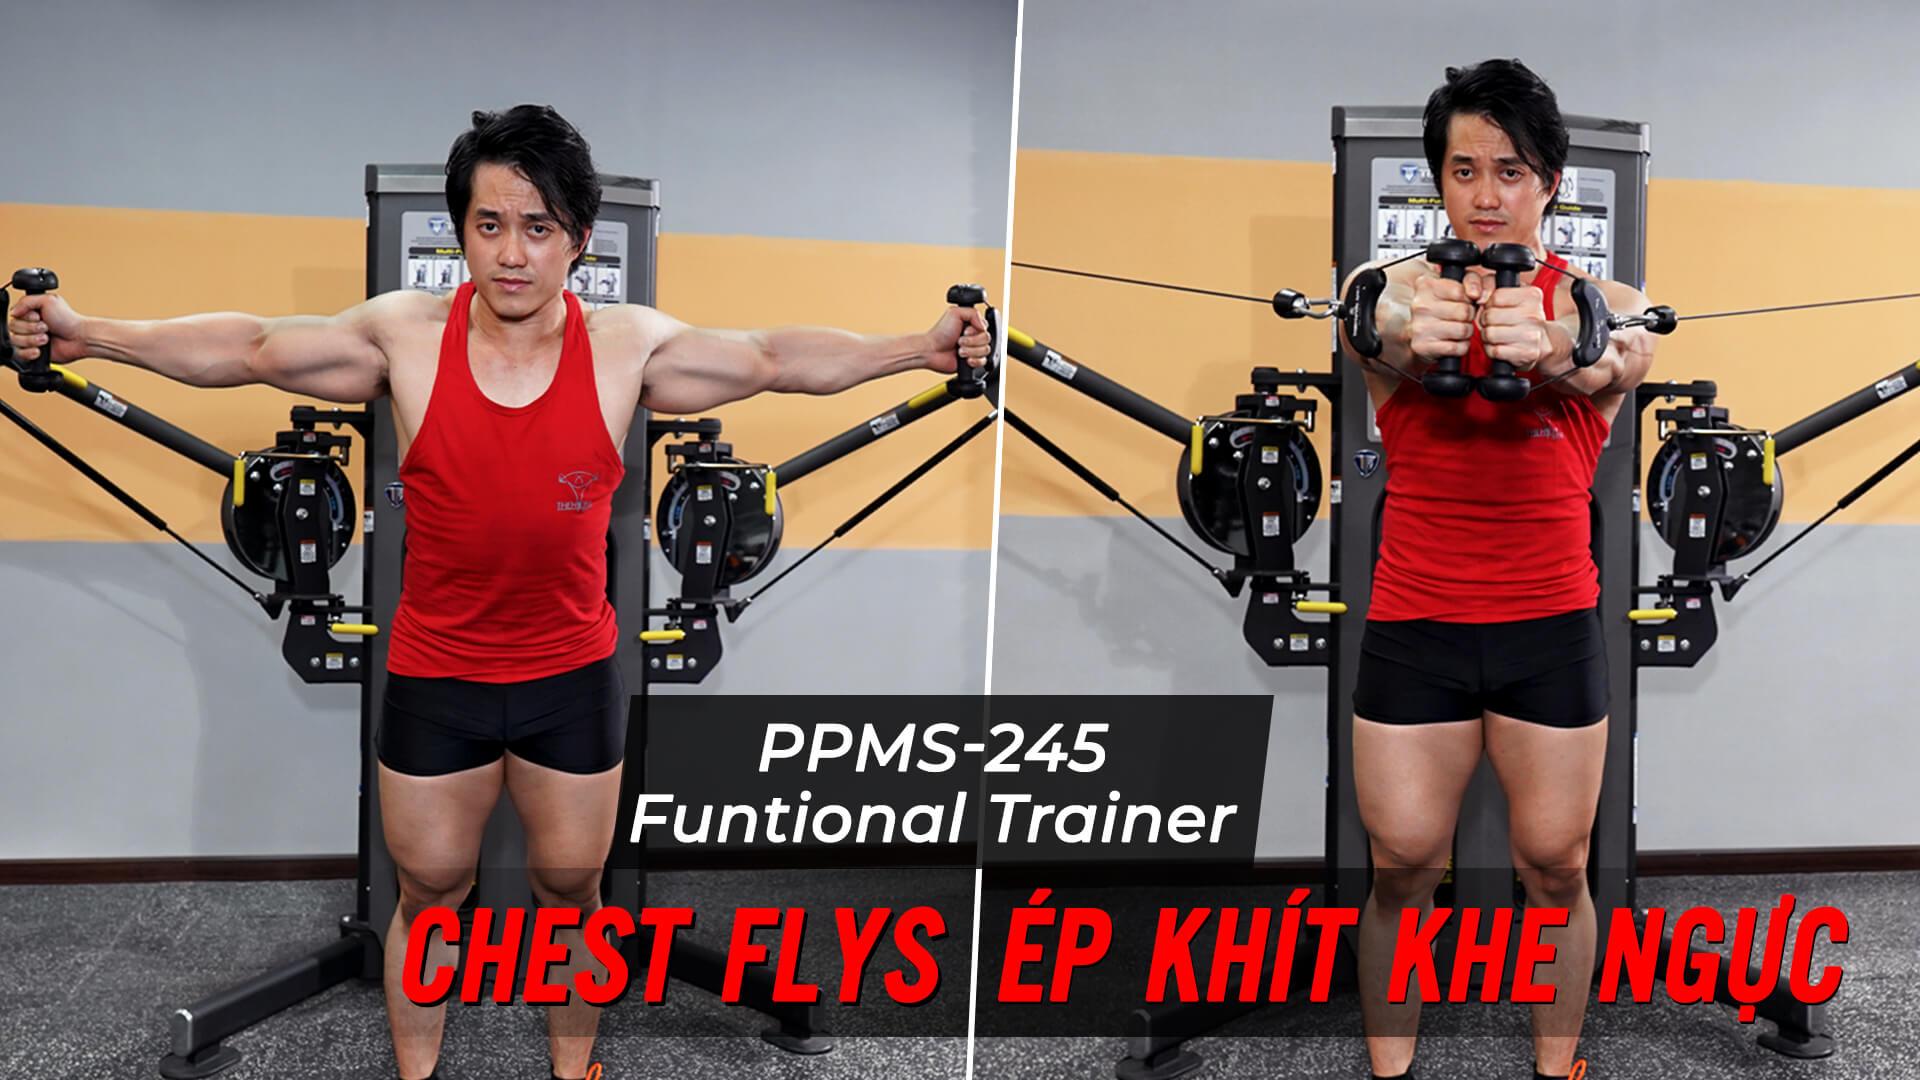 Chest Fly - Hướng dẫn tập ép ngực với Functional Trainer (PPMS-245)